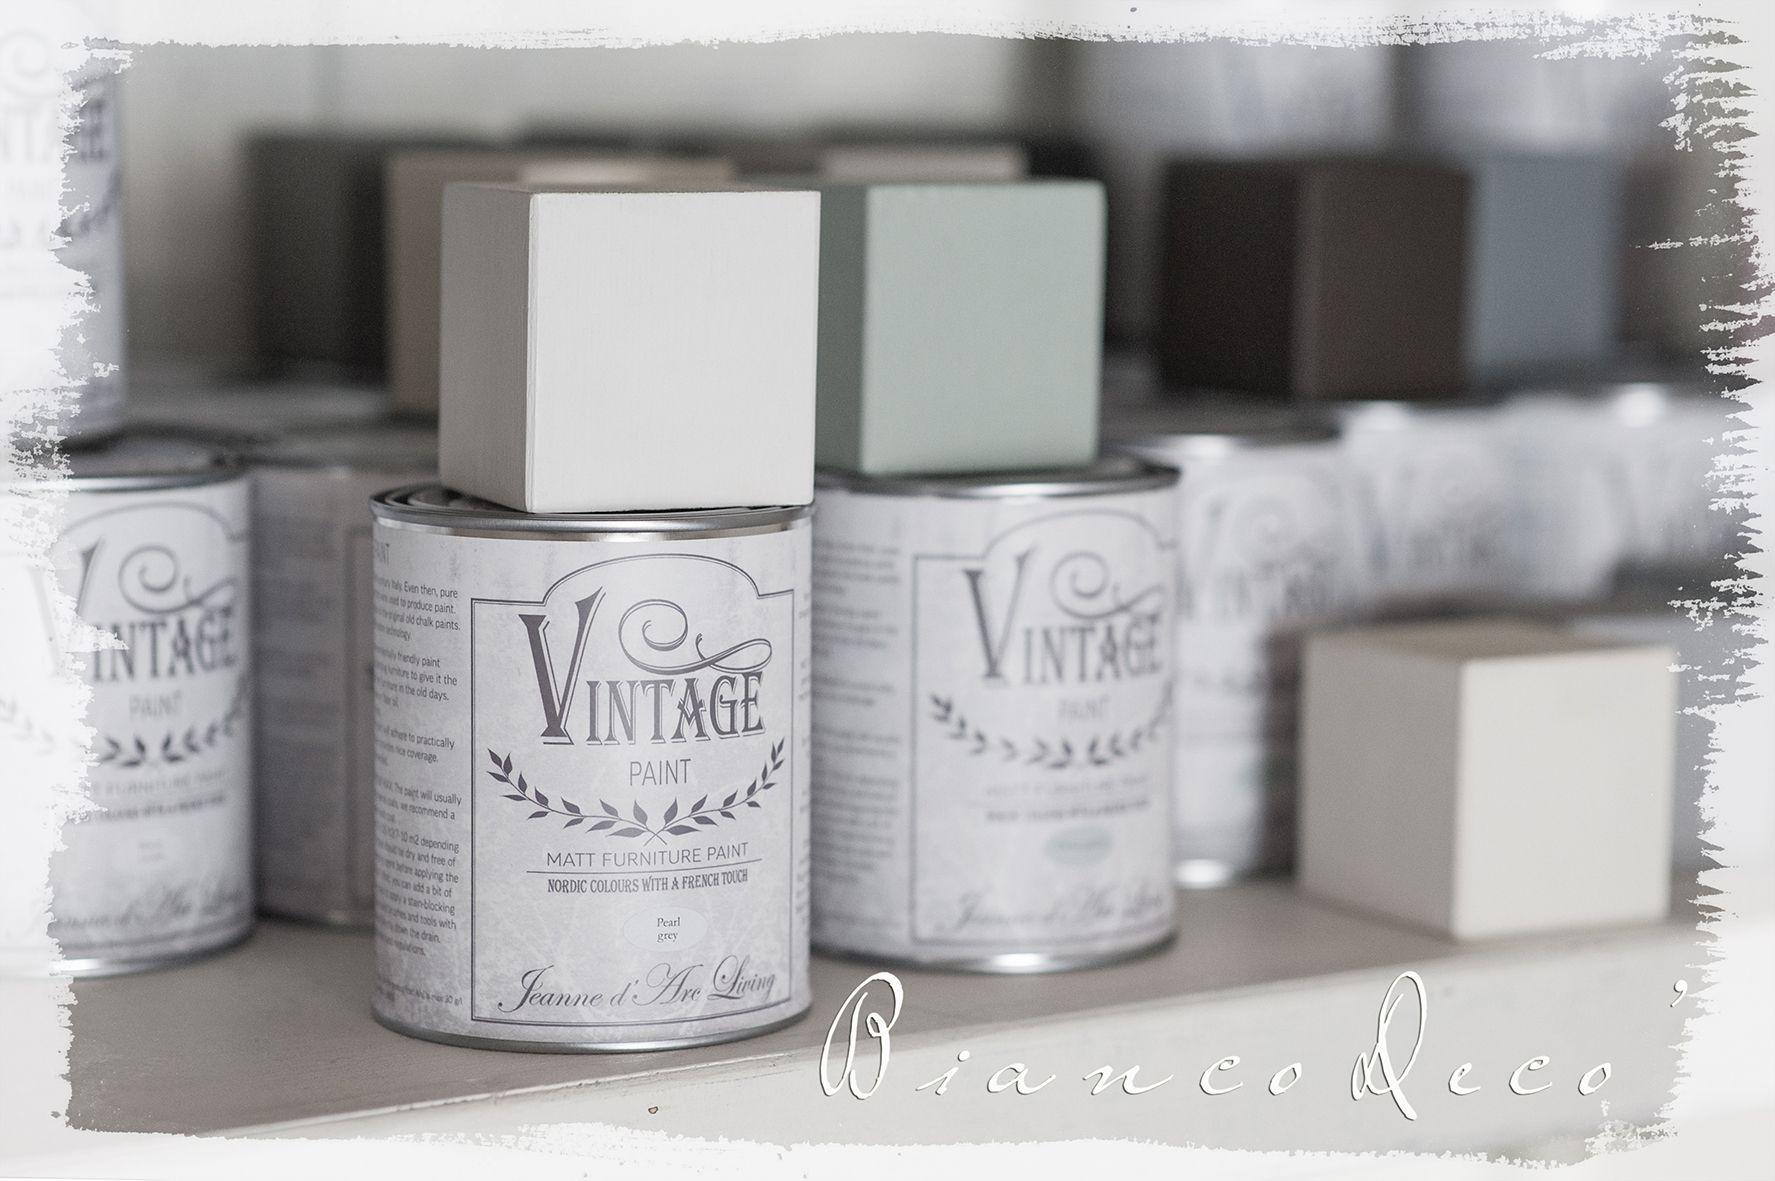 Colori mobili ~ I colori vintage paint per decorare i tuoi mobili biancodeco